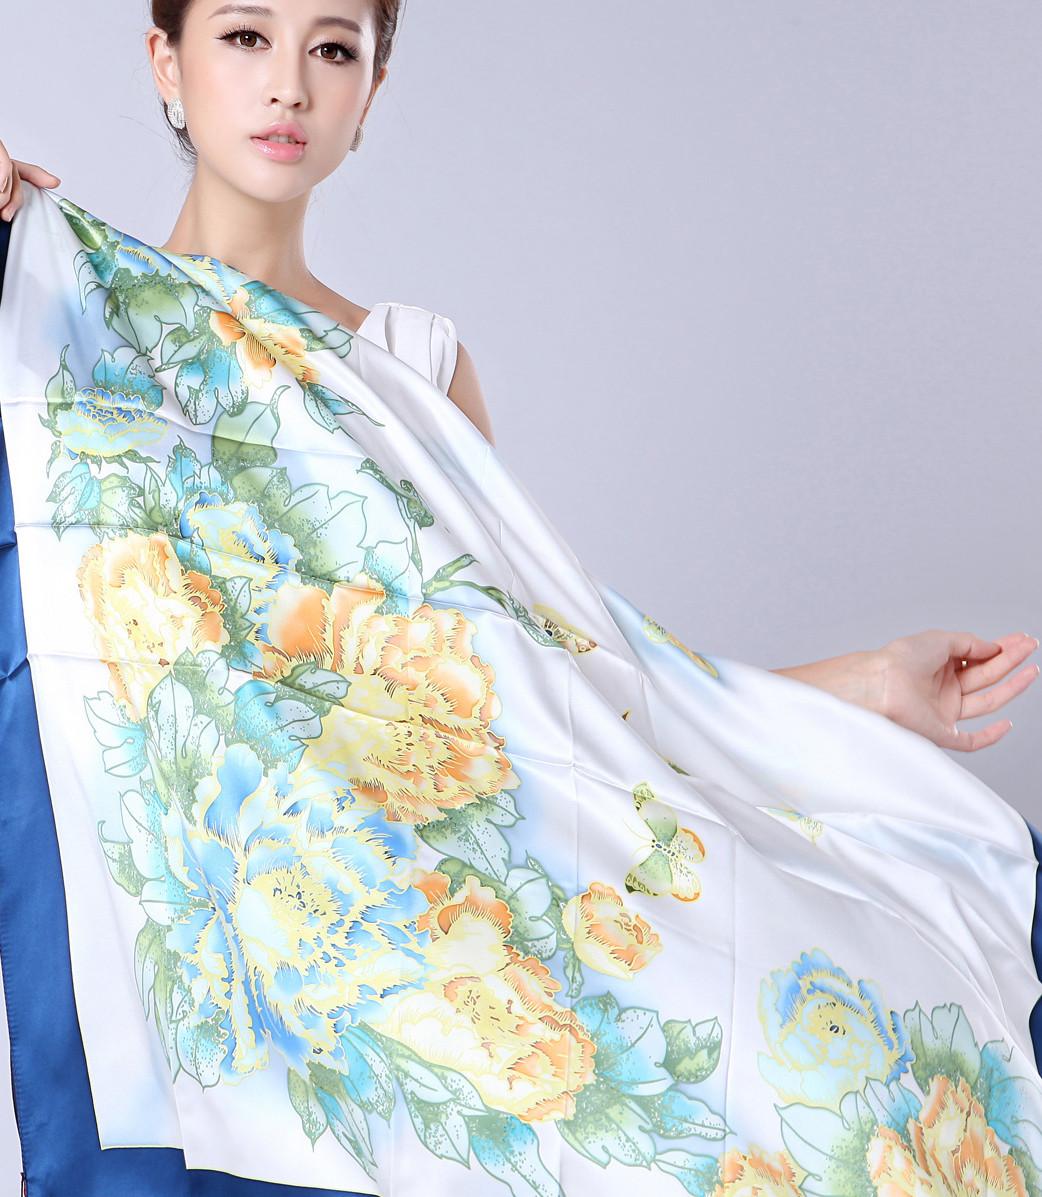 厦门情节提供质量好的中国印象冬系羊毛丝巾